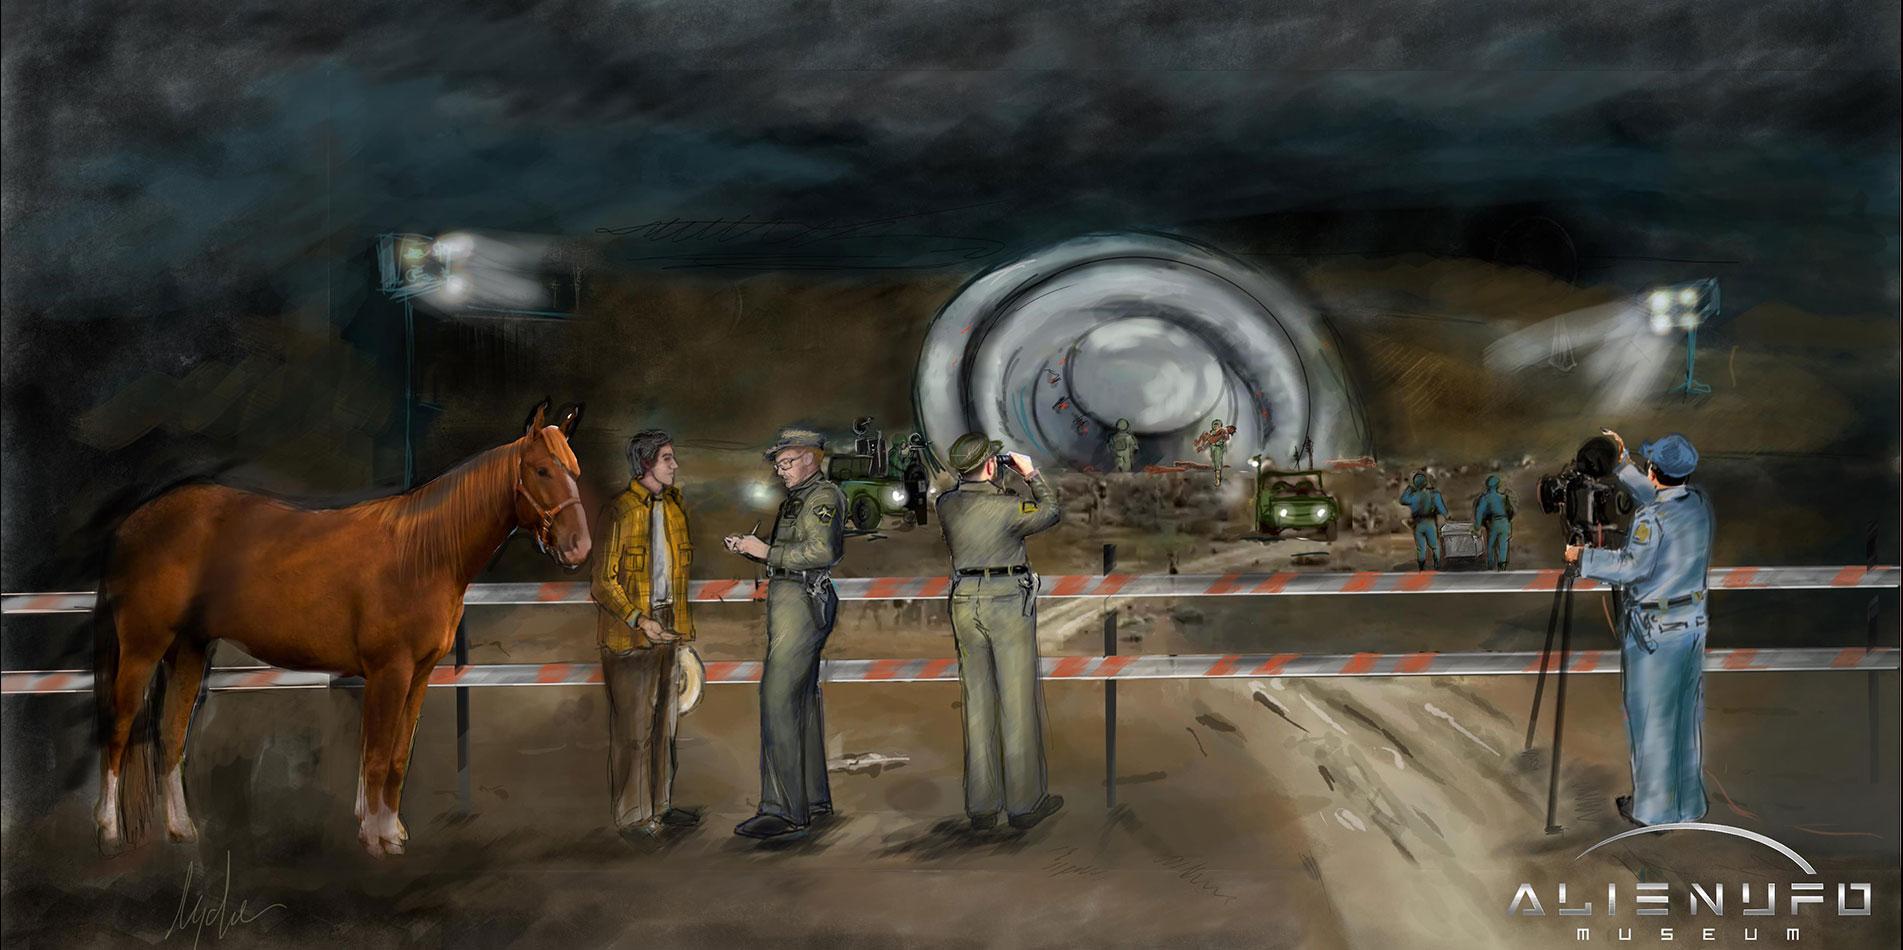 Alien Ufo Museum